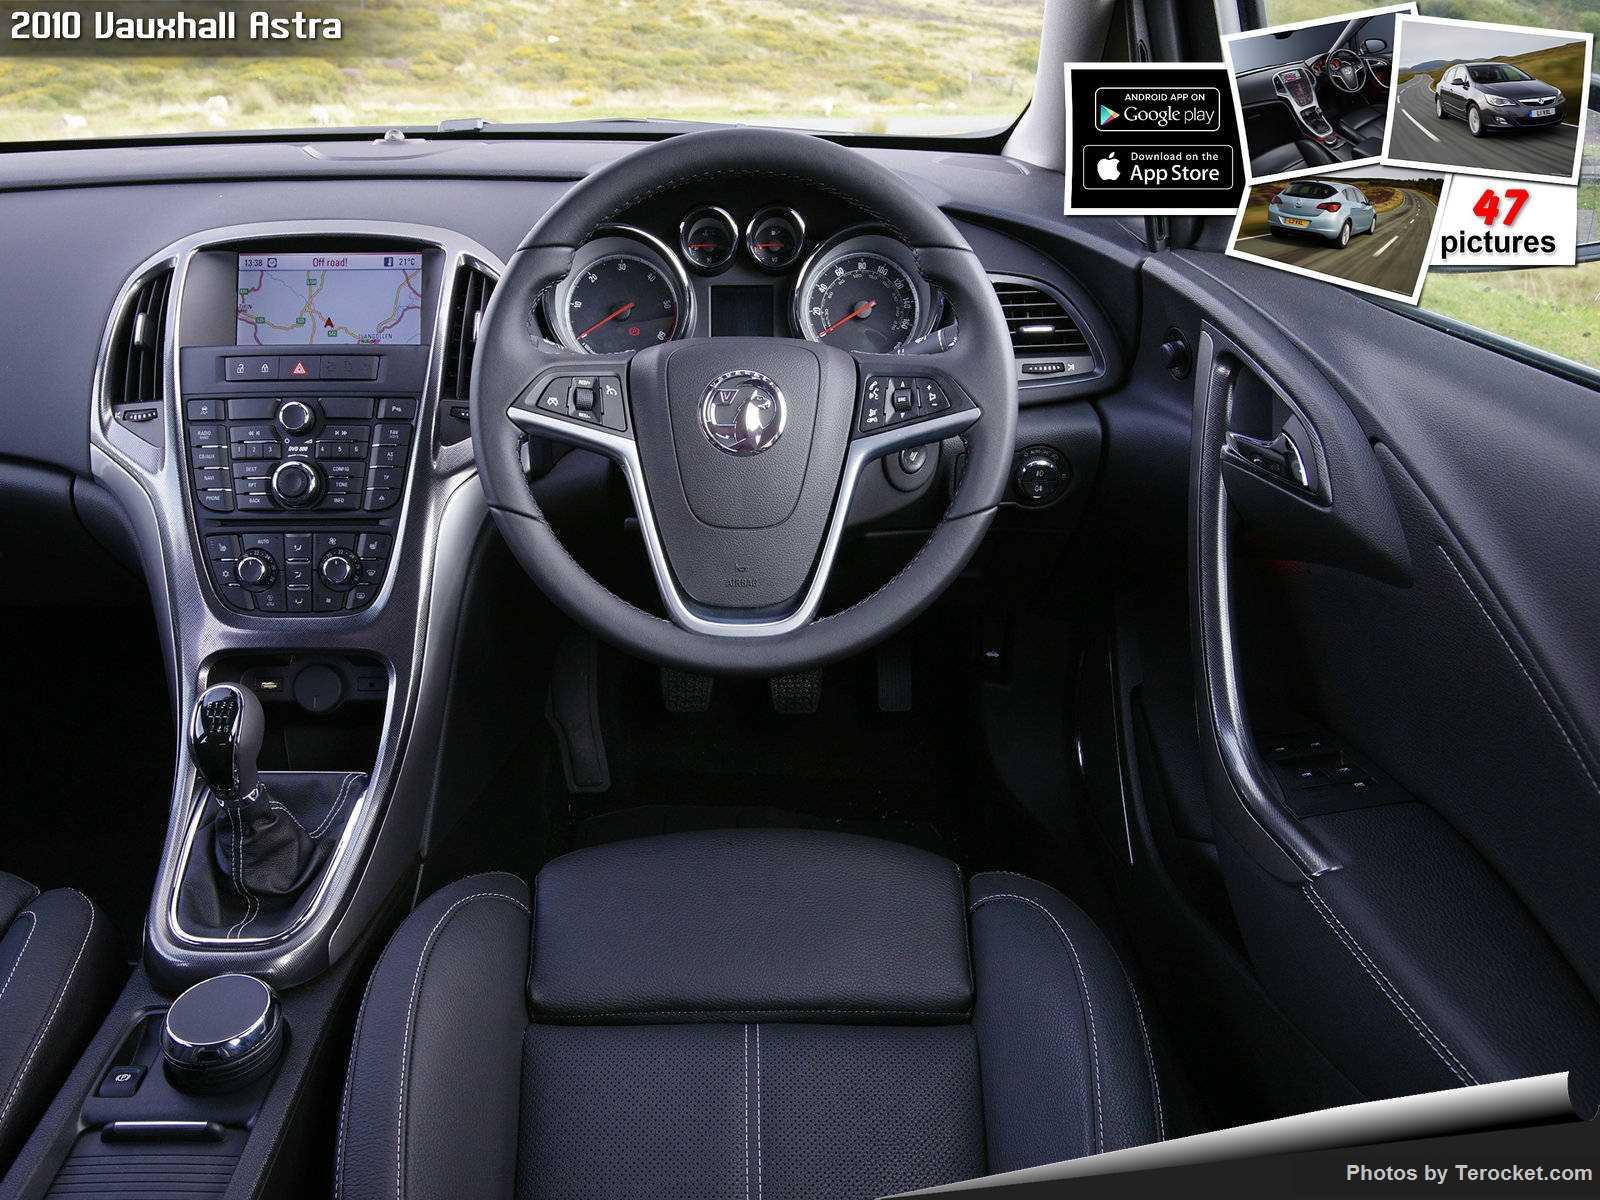 Hình ảnh xe ô tô Vauxhall Astra 2010 & nội ngoại thất